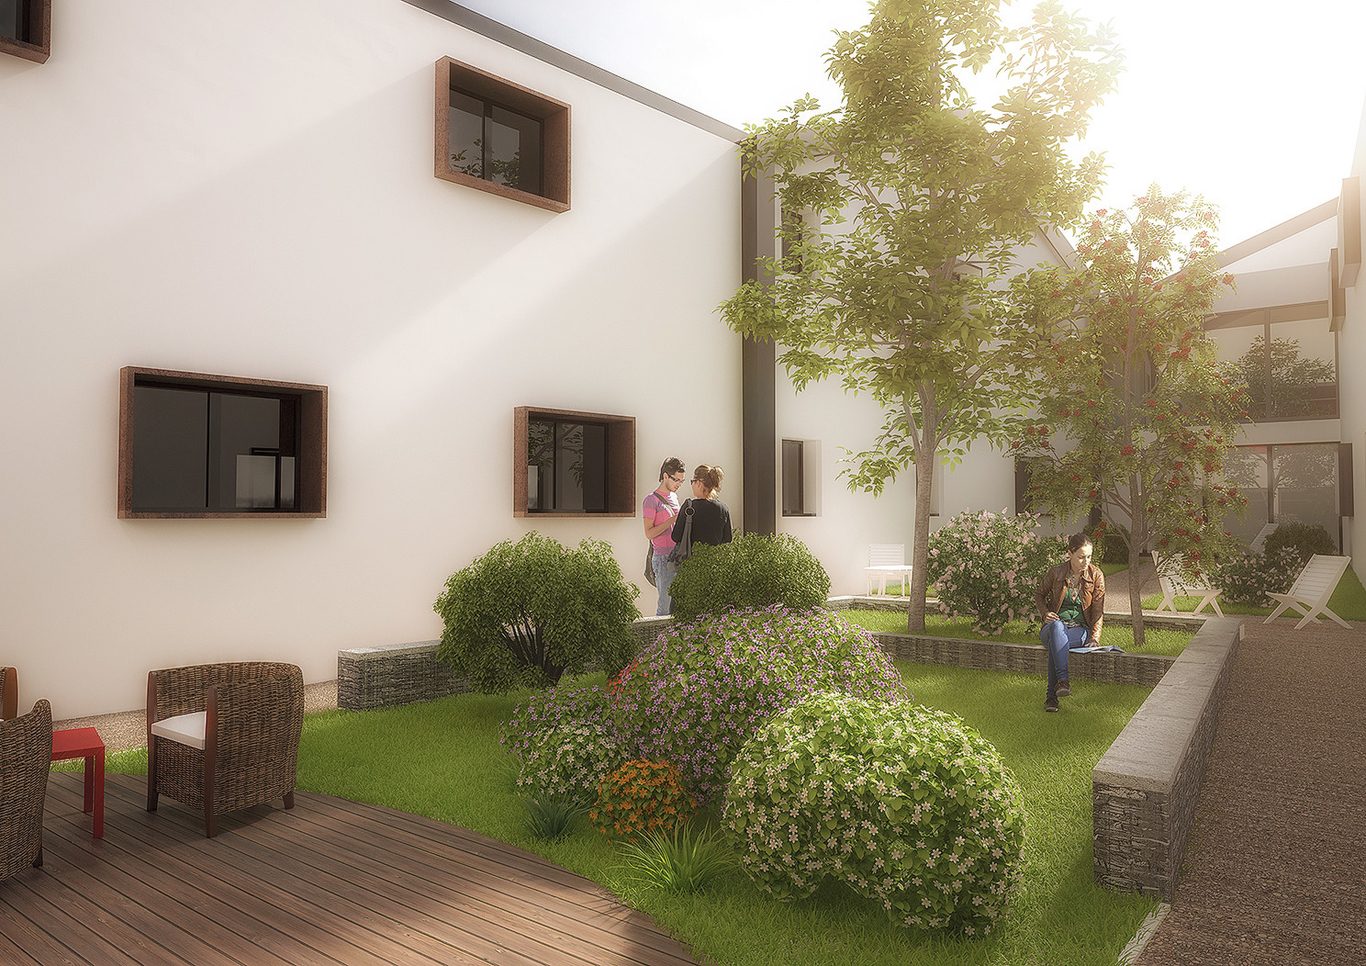 Architecte Le Mans le mans ( france) internatyayaprodtm | architecture | 3d